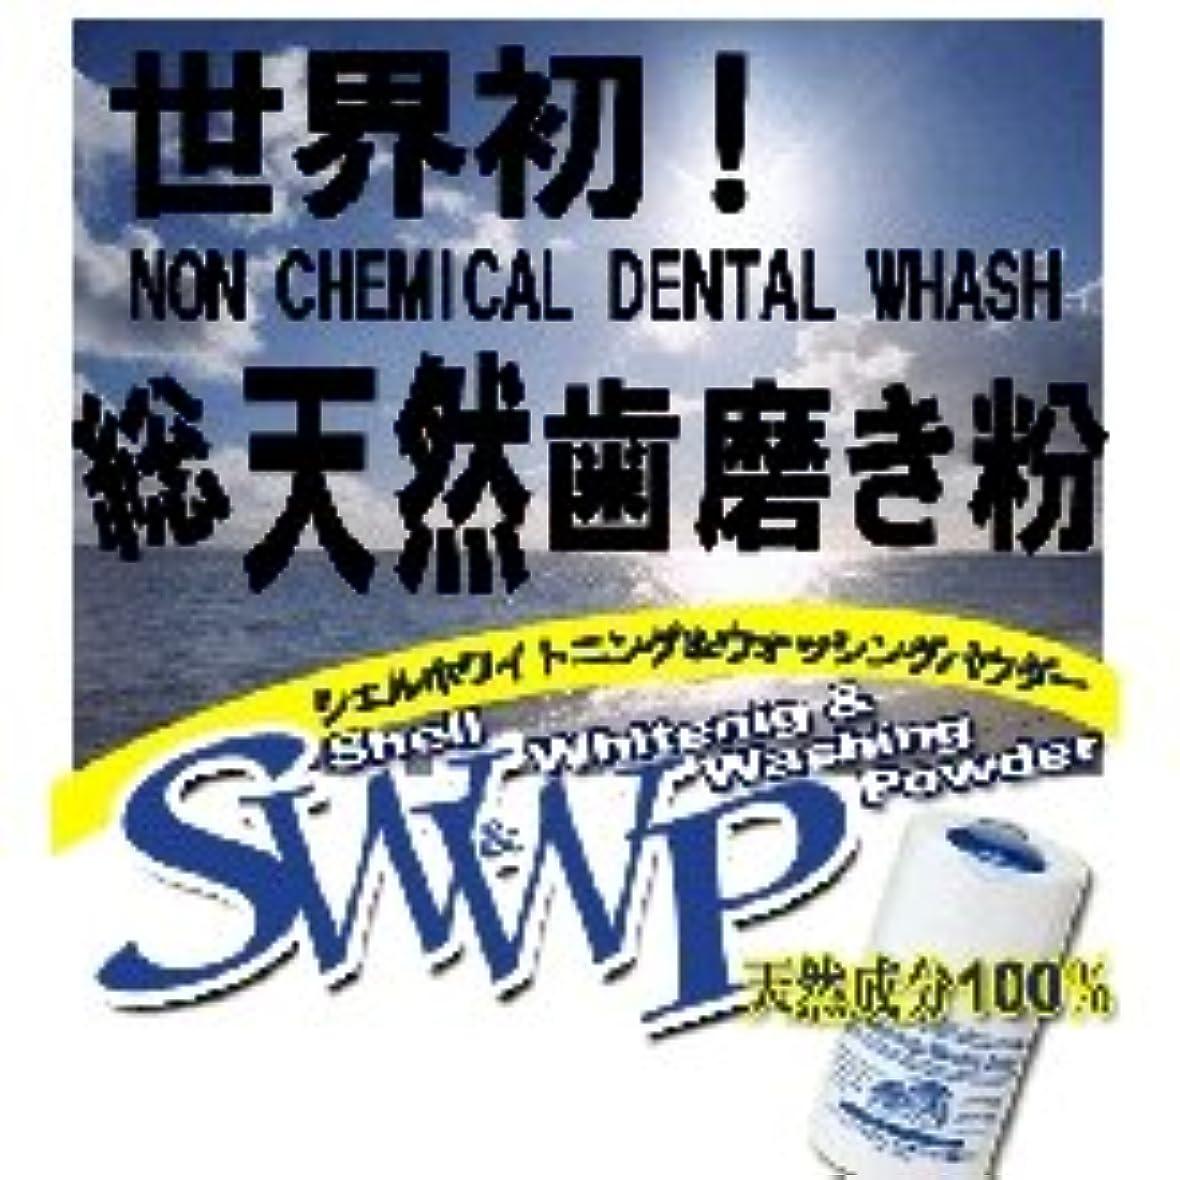 失態たらい明るいShell Whitening & Whashing Powder シェルホワイトニングパウダー